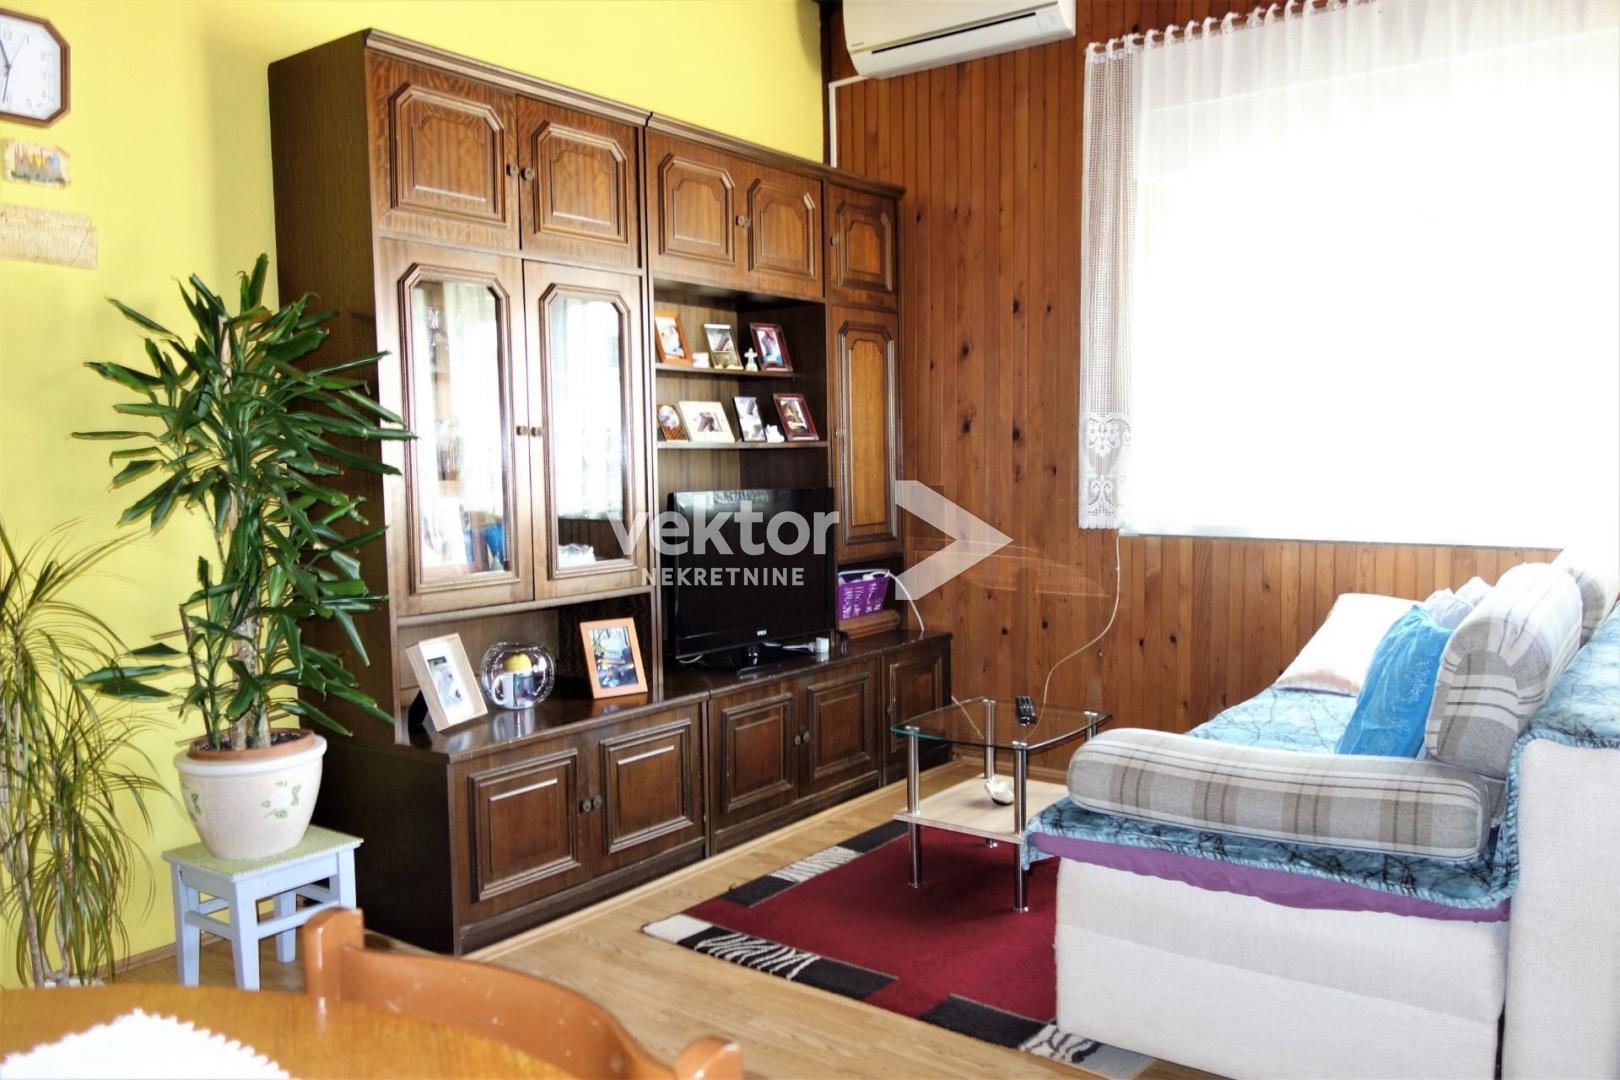 Kuća, Čavle, 170m2, prizemnica, 2 stana